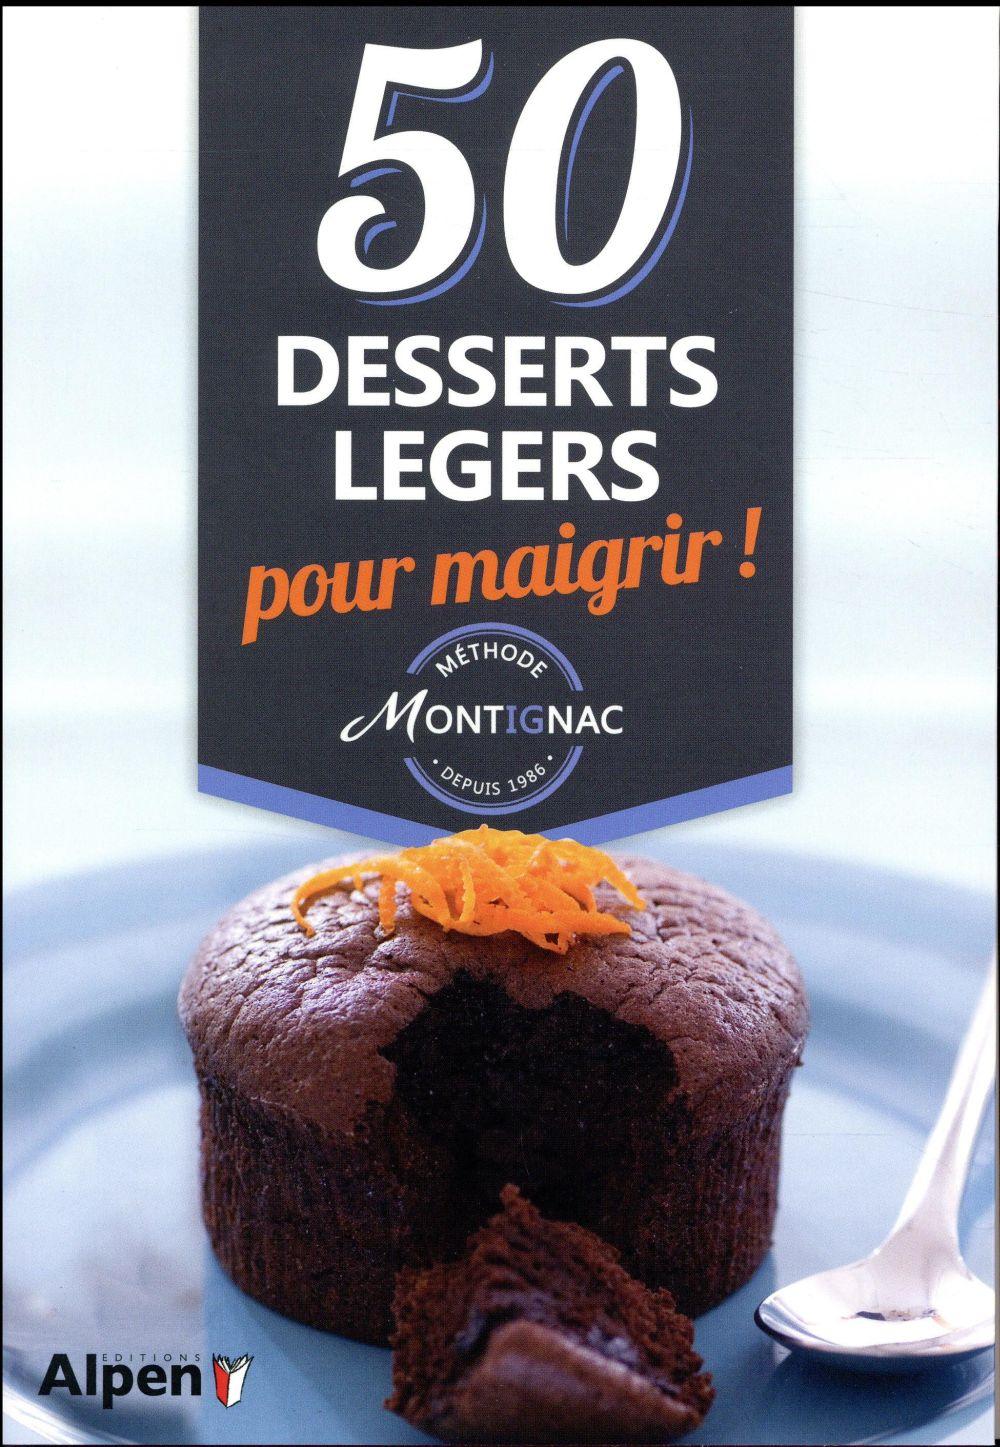 Méthode Montignac ; 50 desserts légers pour maigrir !